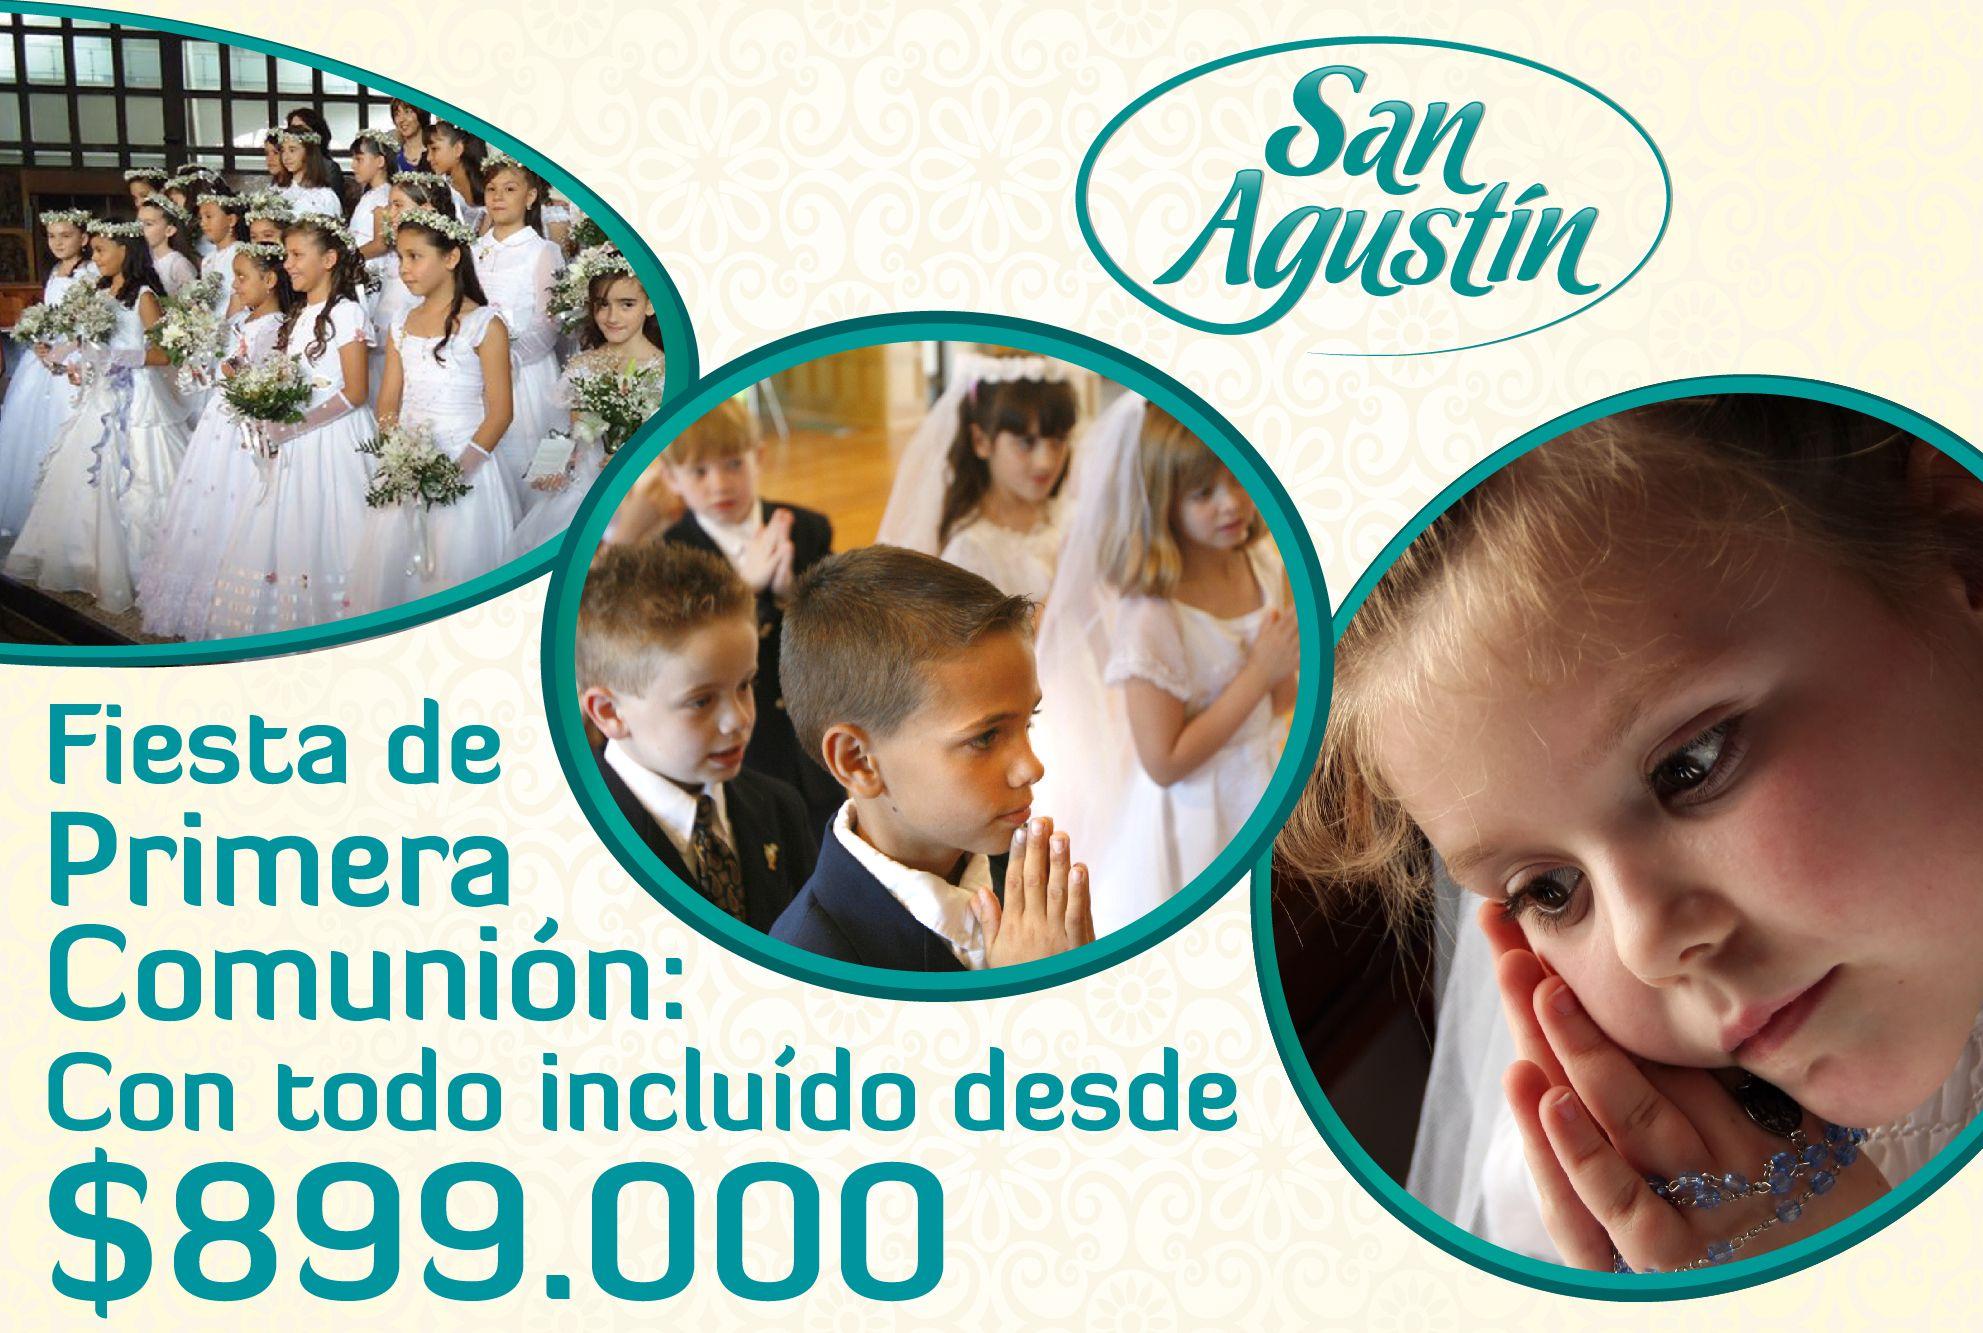 En San Agustín deseamos que en TU GRAN DÍA disfrutes MOMENTOS QUE RECORDARÁS TODA LA VIDA... Somos el mejor aliado para celebrar TU FIESTA DE PRIMERA COMUNIÓN.  http://www.tusanagustin.com/primeras-comuniones-medellin/#.VxZdejCLTIU  #organizaciondeeventos #matrimonios #bodas #decoracion #primerascomuniones #fiestadequince #quinceañeras #especialistasenbodas #solucionesintegrales #tendenciasenmatrimonios #fiestas #fiestasmedellin #tendencias #novias #primeracomunion #fiestasinfantiles